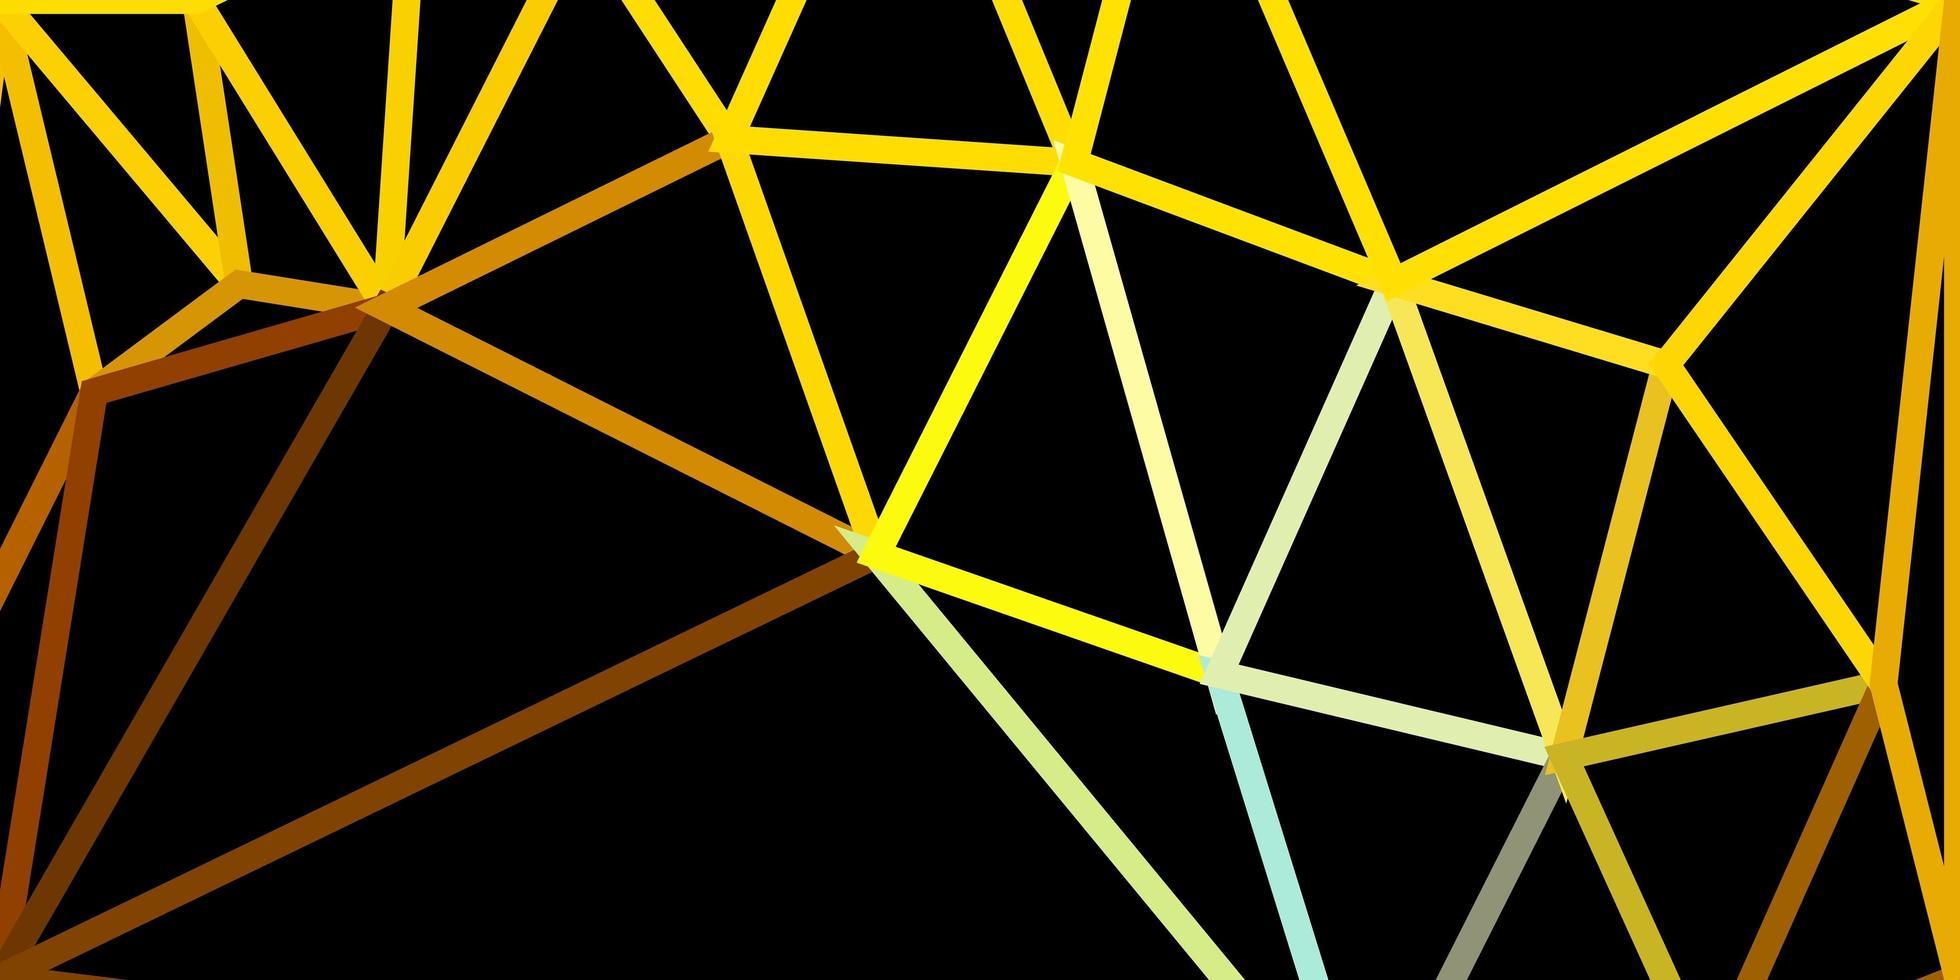 ljusblå, gul vektor gradient polygon tapet.